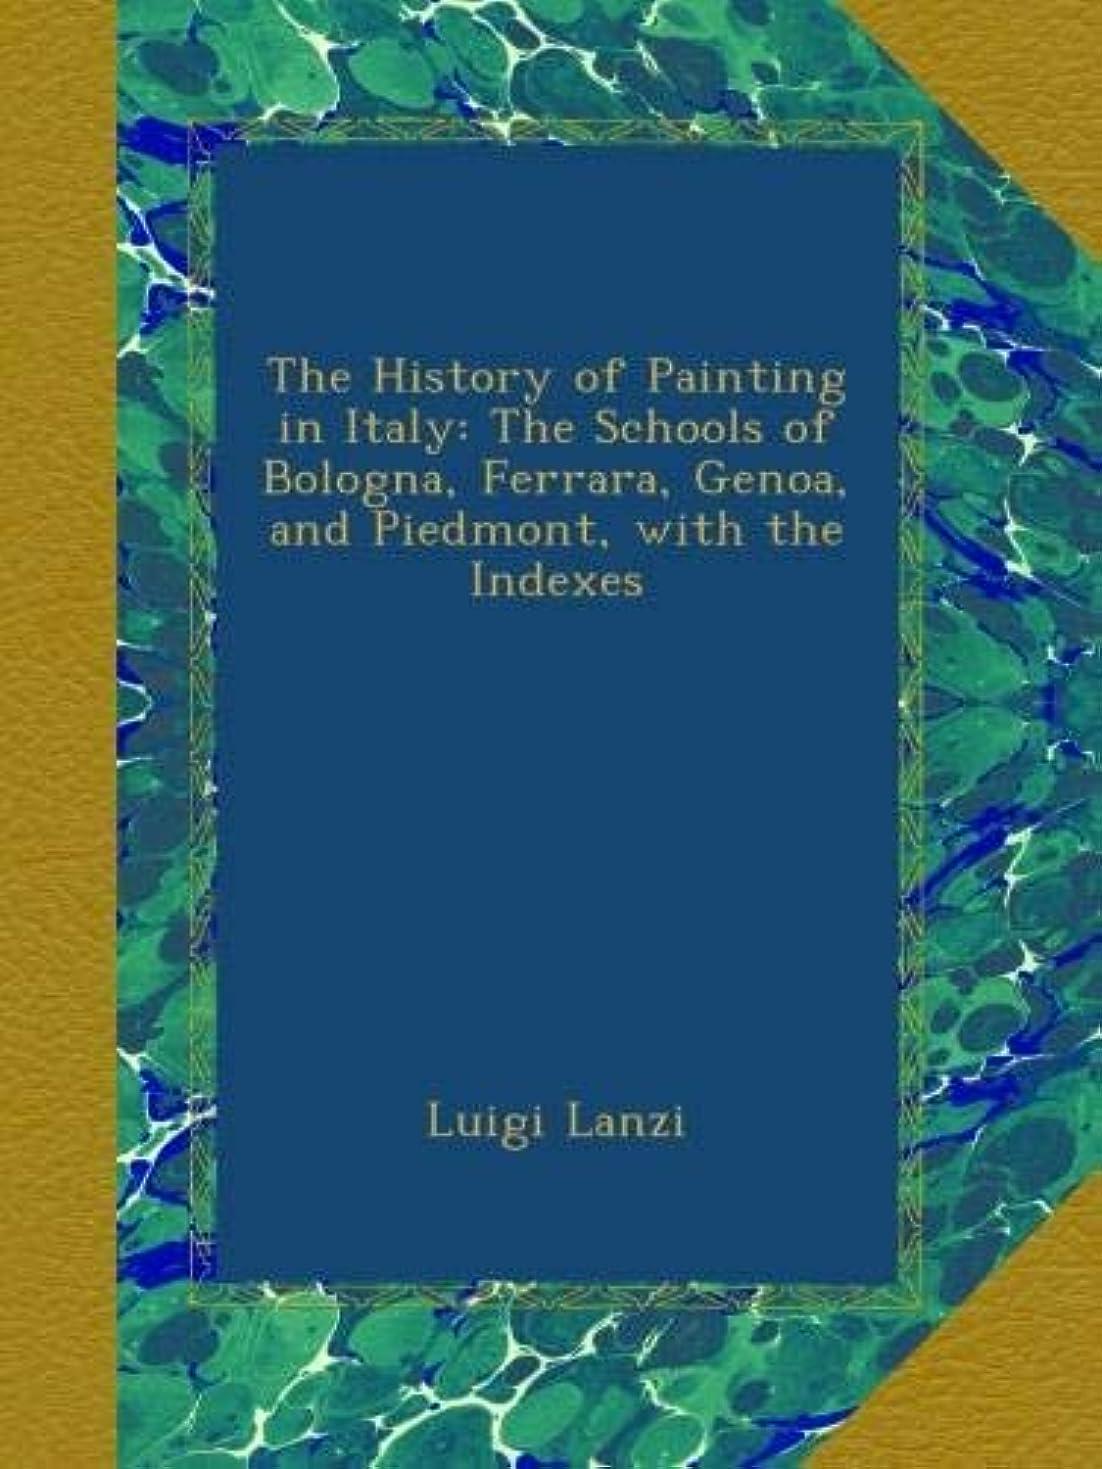 大西洋現代キャンパスThe History of Painting in Italy: The Schools of Bologna, Ferrara, Genoa, and Piedmont, with the Indexes